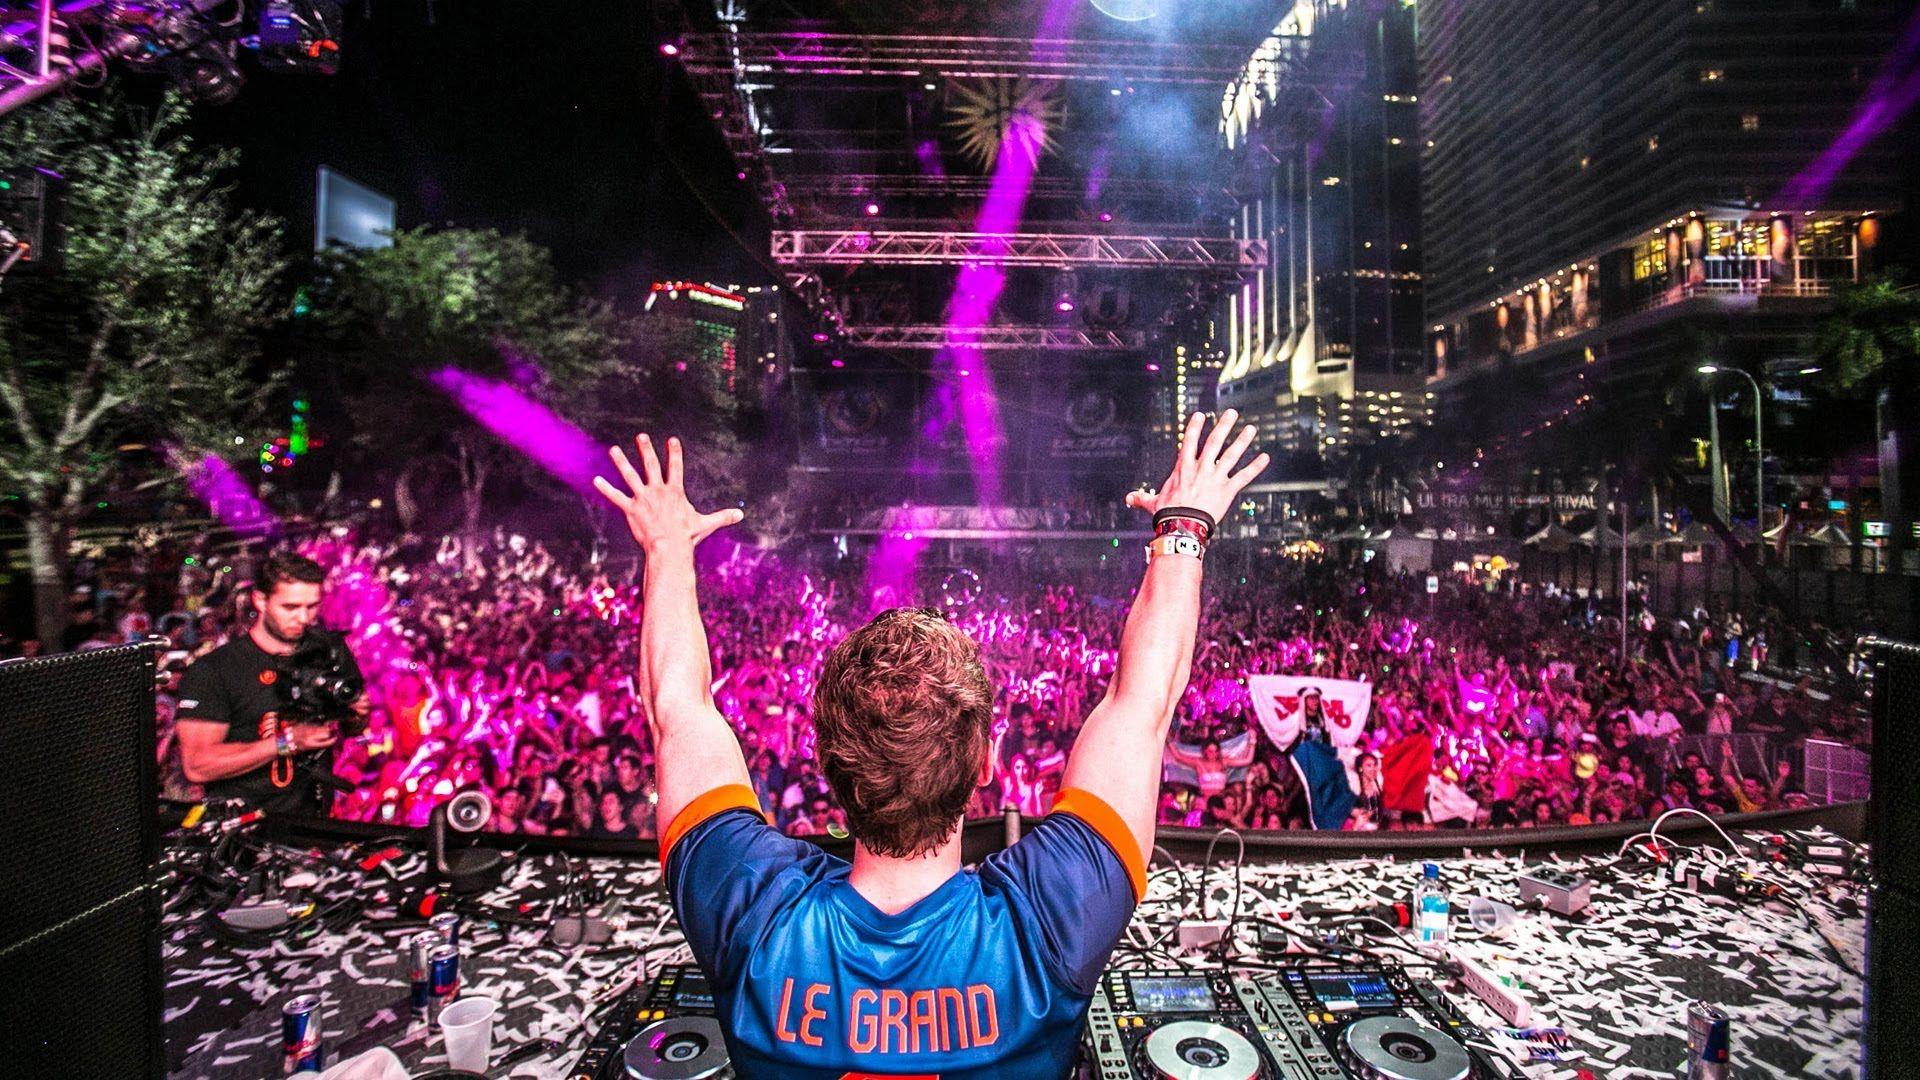 Fedde Le Grand Live At Ultra Music Festival 2014 Ultra Music Festival Electronica Music Ultra Music Festival Miami